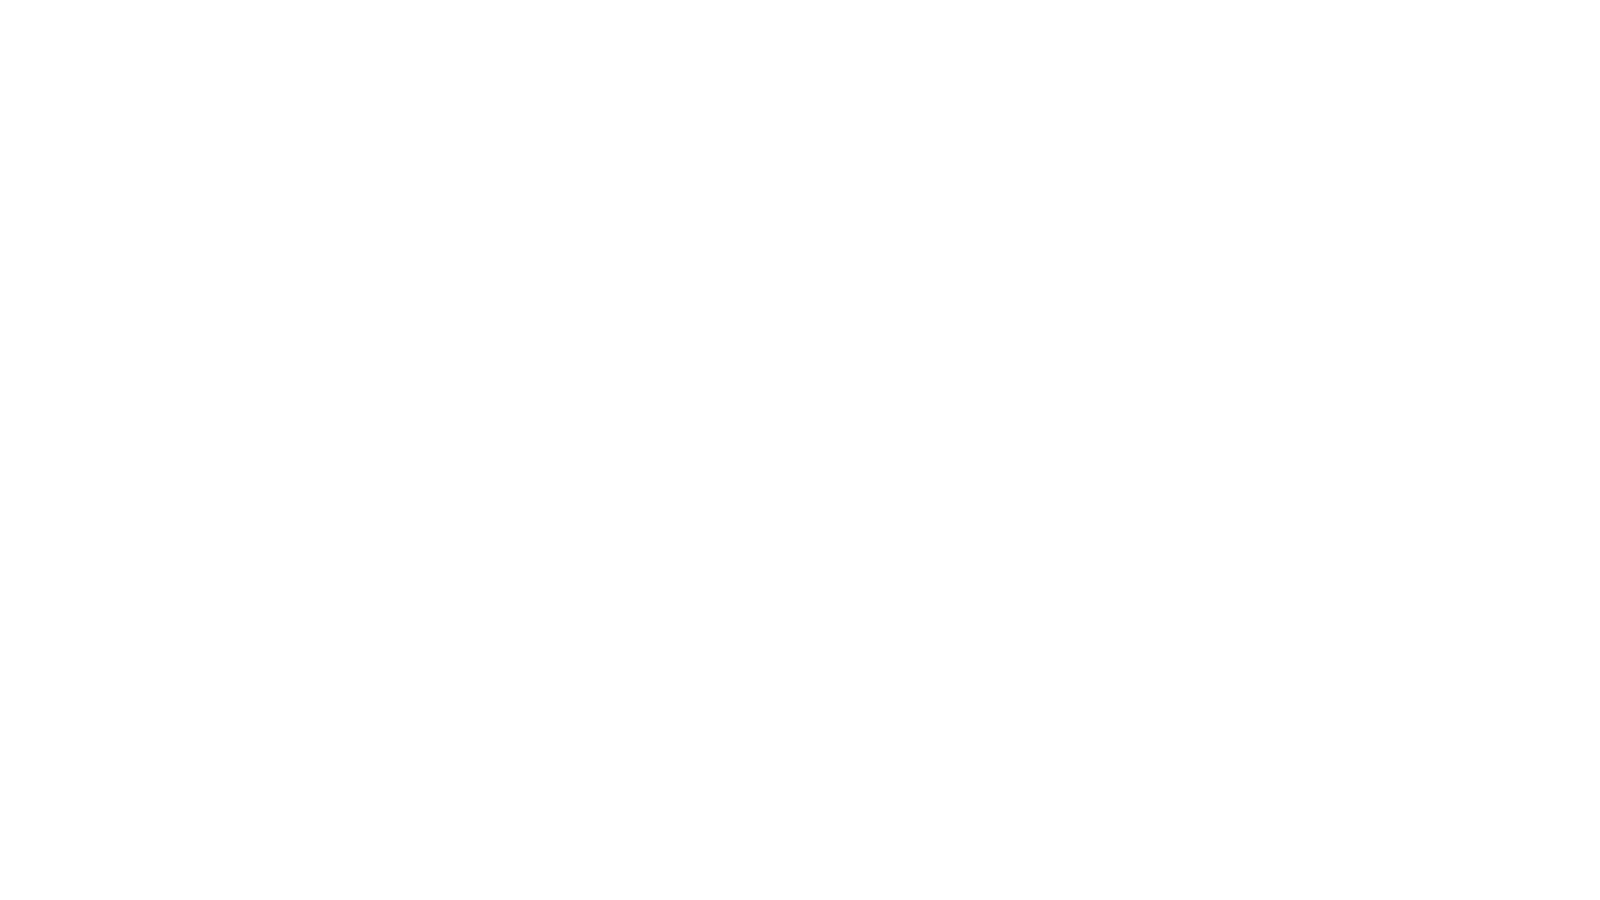 Com uma forte atuação em entidades de classe, Geraldo Vianna foi presidente da NTC&Logística durante os anos de 2002 a 2007, diretor da Confederação Nacional dos Transportes (CNT), entre outras atividades e funções.   Por meio de uma história inspiradora e com diversos desafios, ele chegou aos 50 anos de contribuição com o transporte, atuando de maneira singular para o desenvolvendo do setor responsável por transportador mais de 65% de todas as riquezas do Brasil.  Diante disso, à convite do presidente da NTC, Francisco Pelucio, o ex-presidente da entidade, irá comentar sua história e dar alguns detalhes sobre os momentos mais marcantes dessa trajetória no TRC